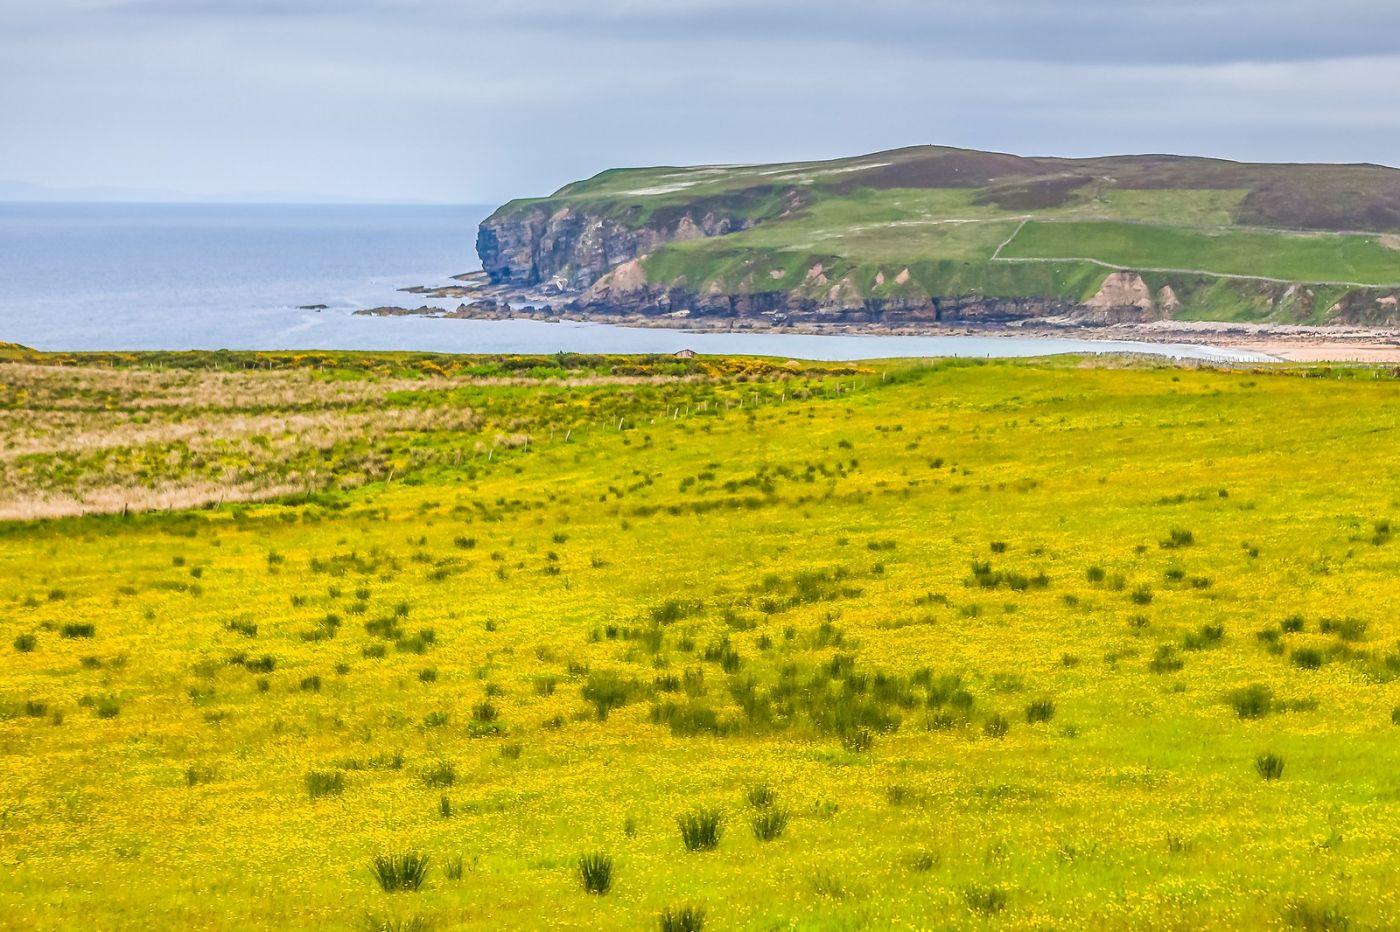 苏格兰美景,弯弯的沙滩_图1-15